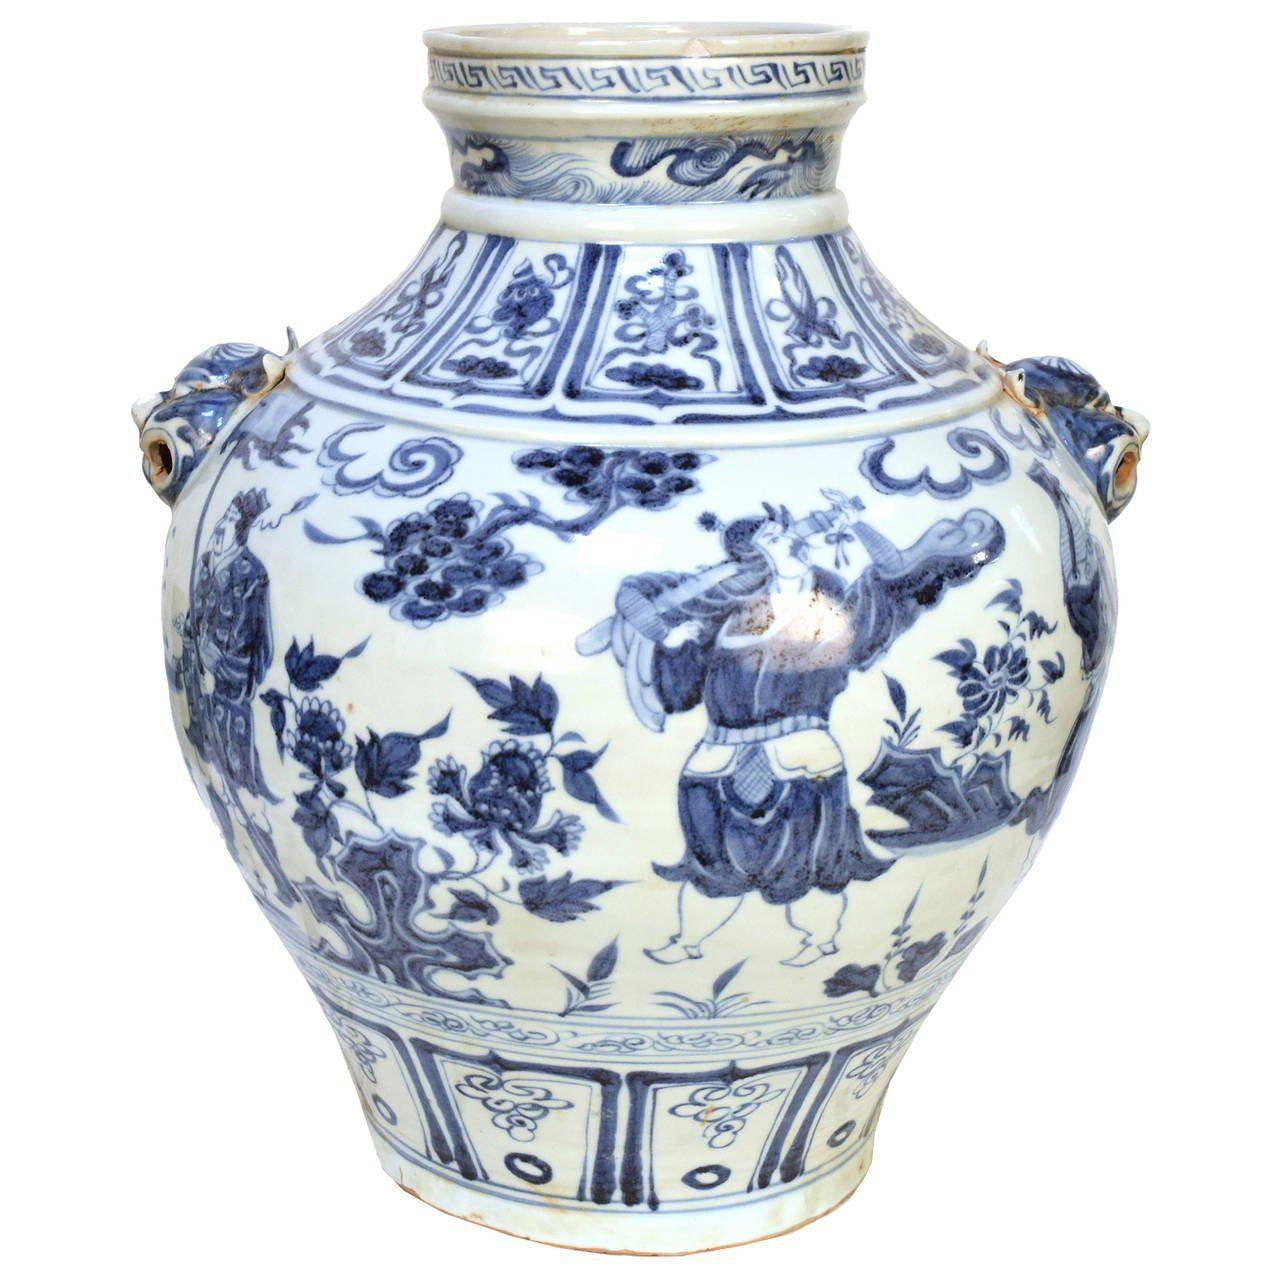 Modern White Ceramic Vase Of Ming Style Blue and White Vase White Vases with Ming Style Blue and White Vase